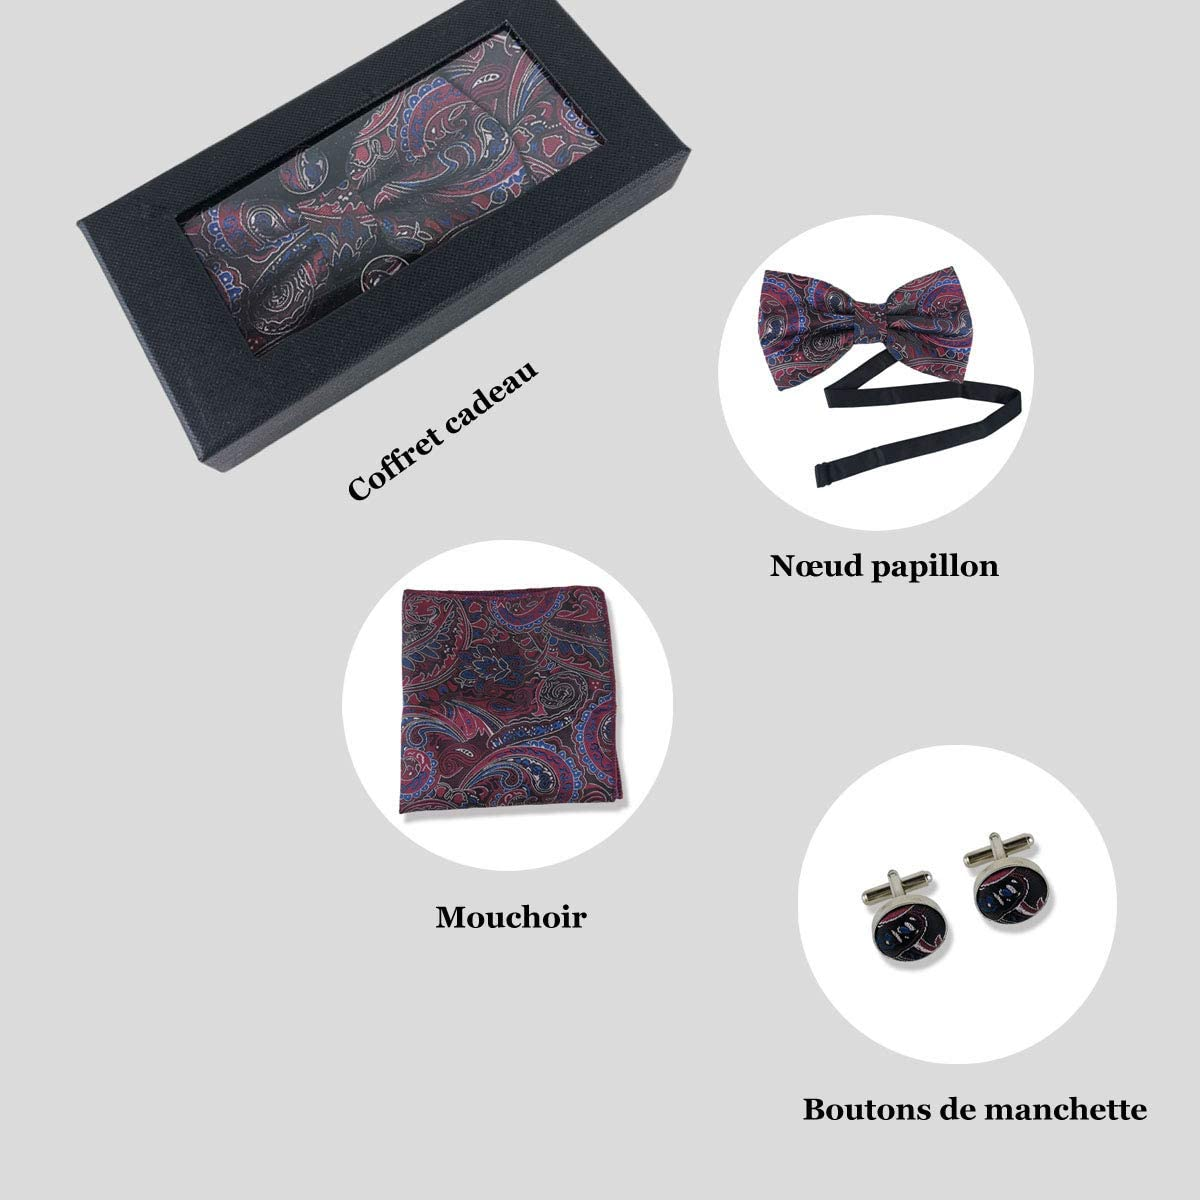 Coffret cadeau dun ensemble de Noeud papillon carreau paisley mouchoir de poche et boutons de manchette classique